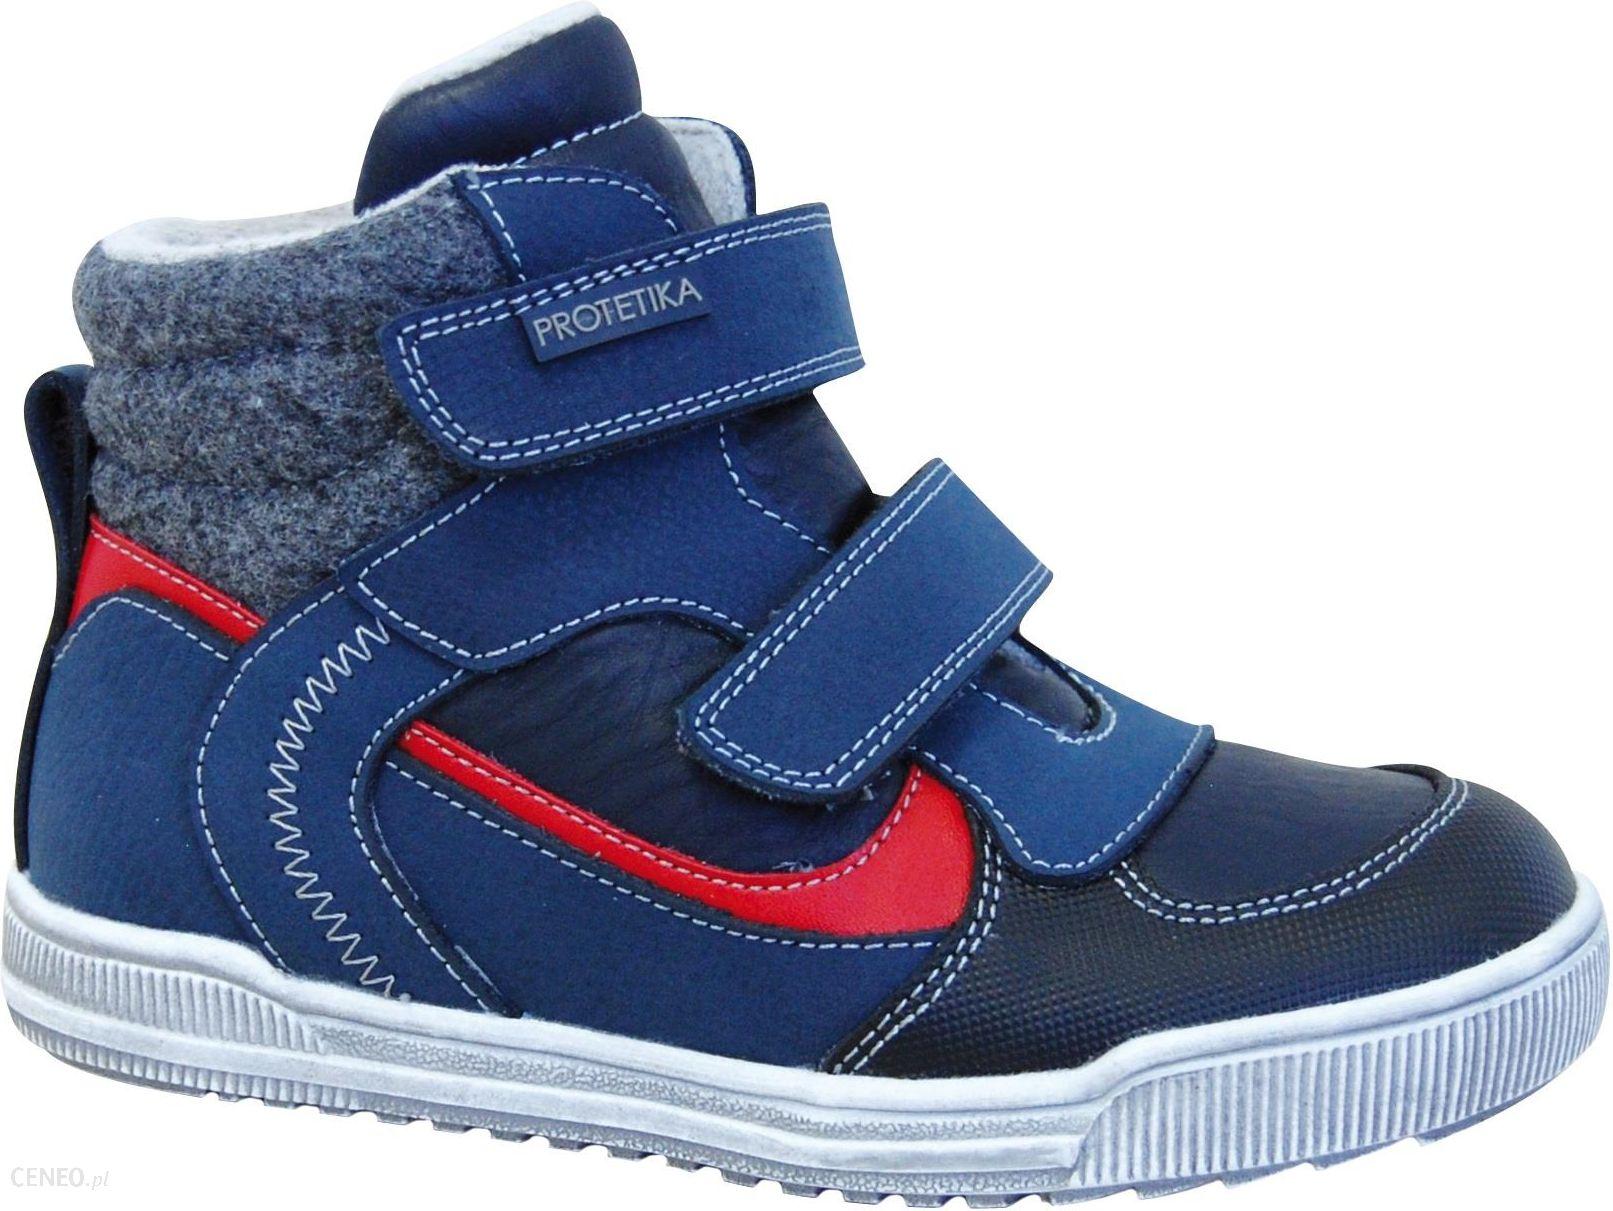 kolejna szansa oficjalny dostawca różne wzornictwo Protetika buty zimowe za kostkę chłopięce Skort 27 niebieskie - Ceny i  opinie - Ceneo.pl